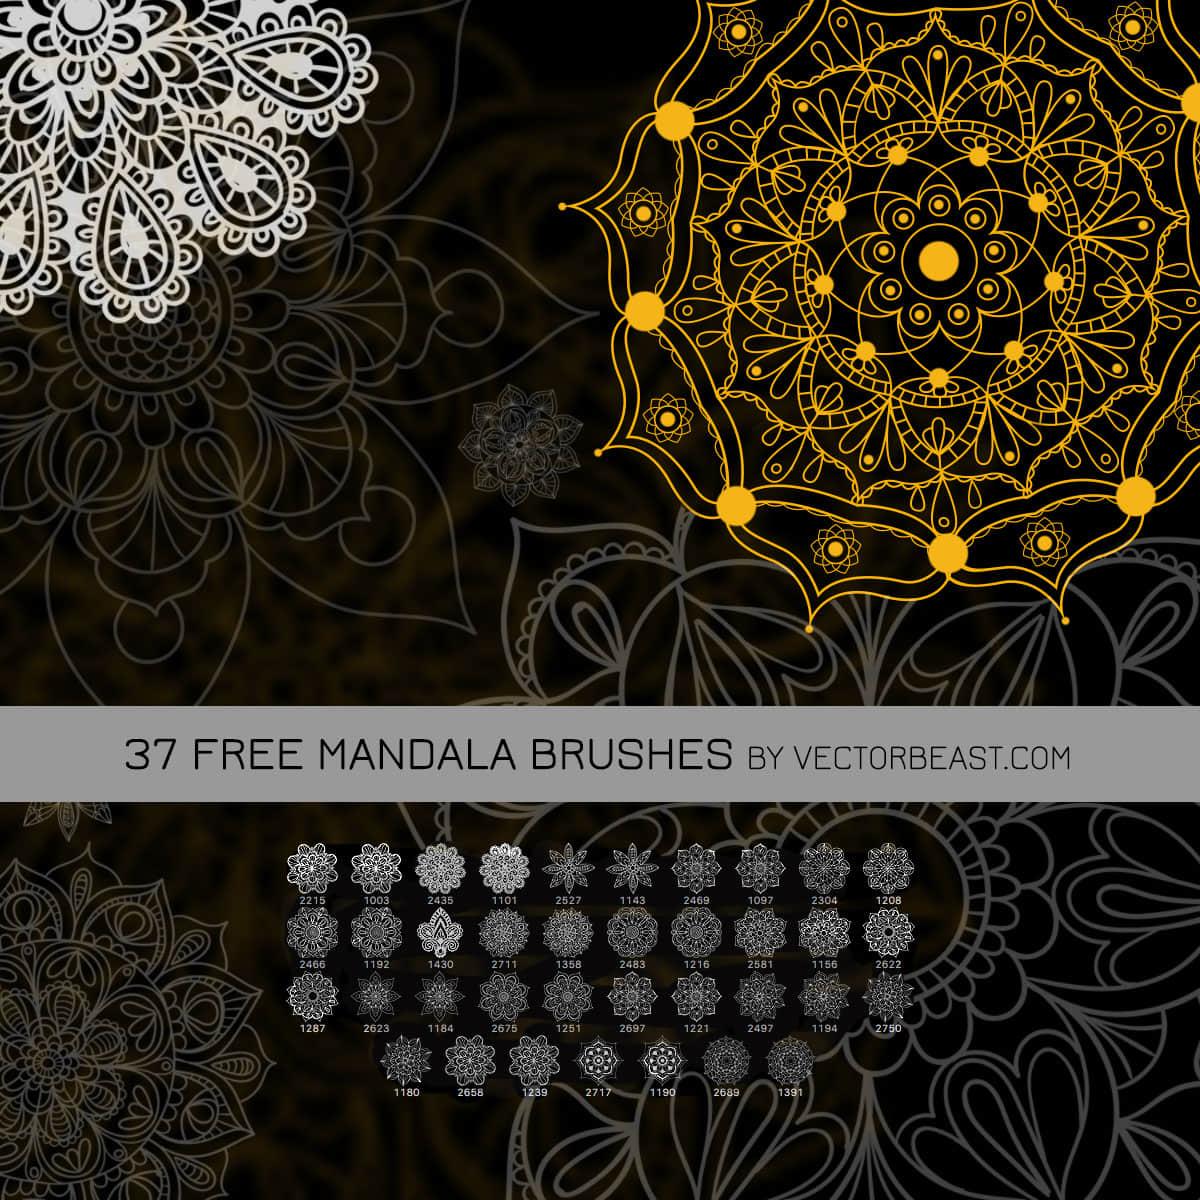 37种漂亮的曼荼罗花纹、印花图案Photoshop笔刷素材 植物花纹笔刷 曼荼罗笔刷 古典花纹笔刷 印花笔刷  flowers brushes